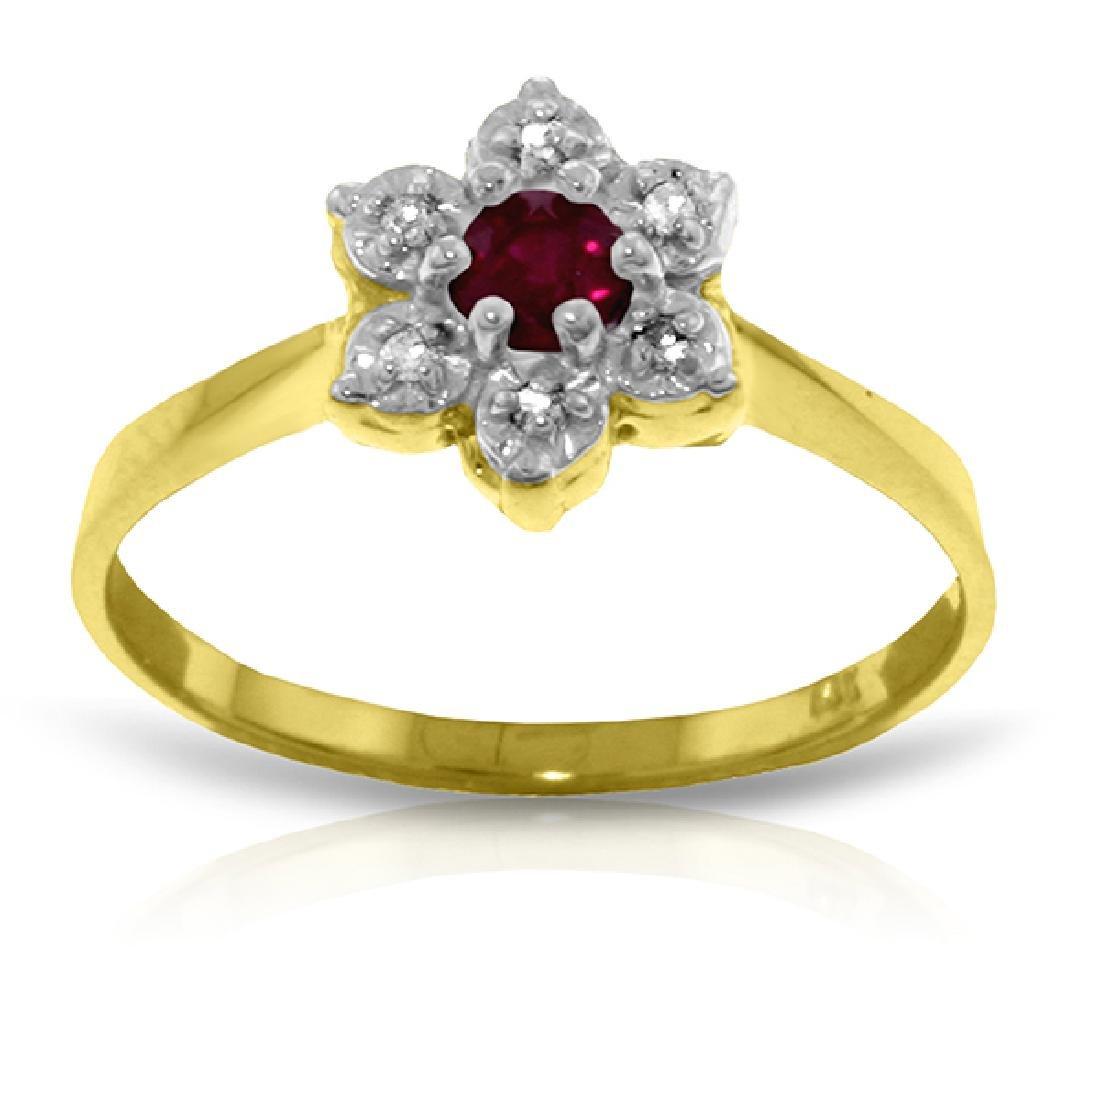 Genuine 0.23 ctw Ruby & Diamond Ring Jewelry 14KT